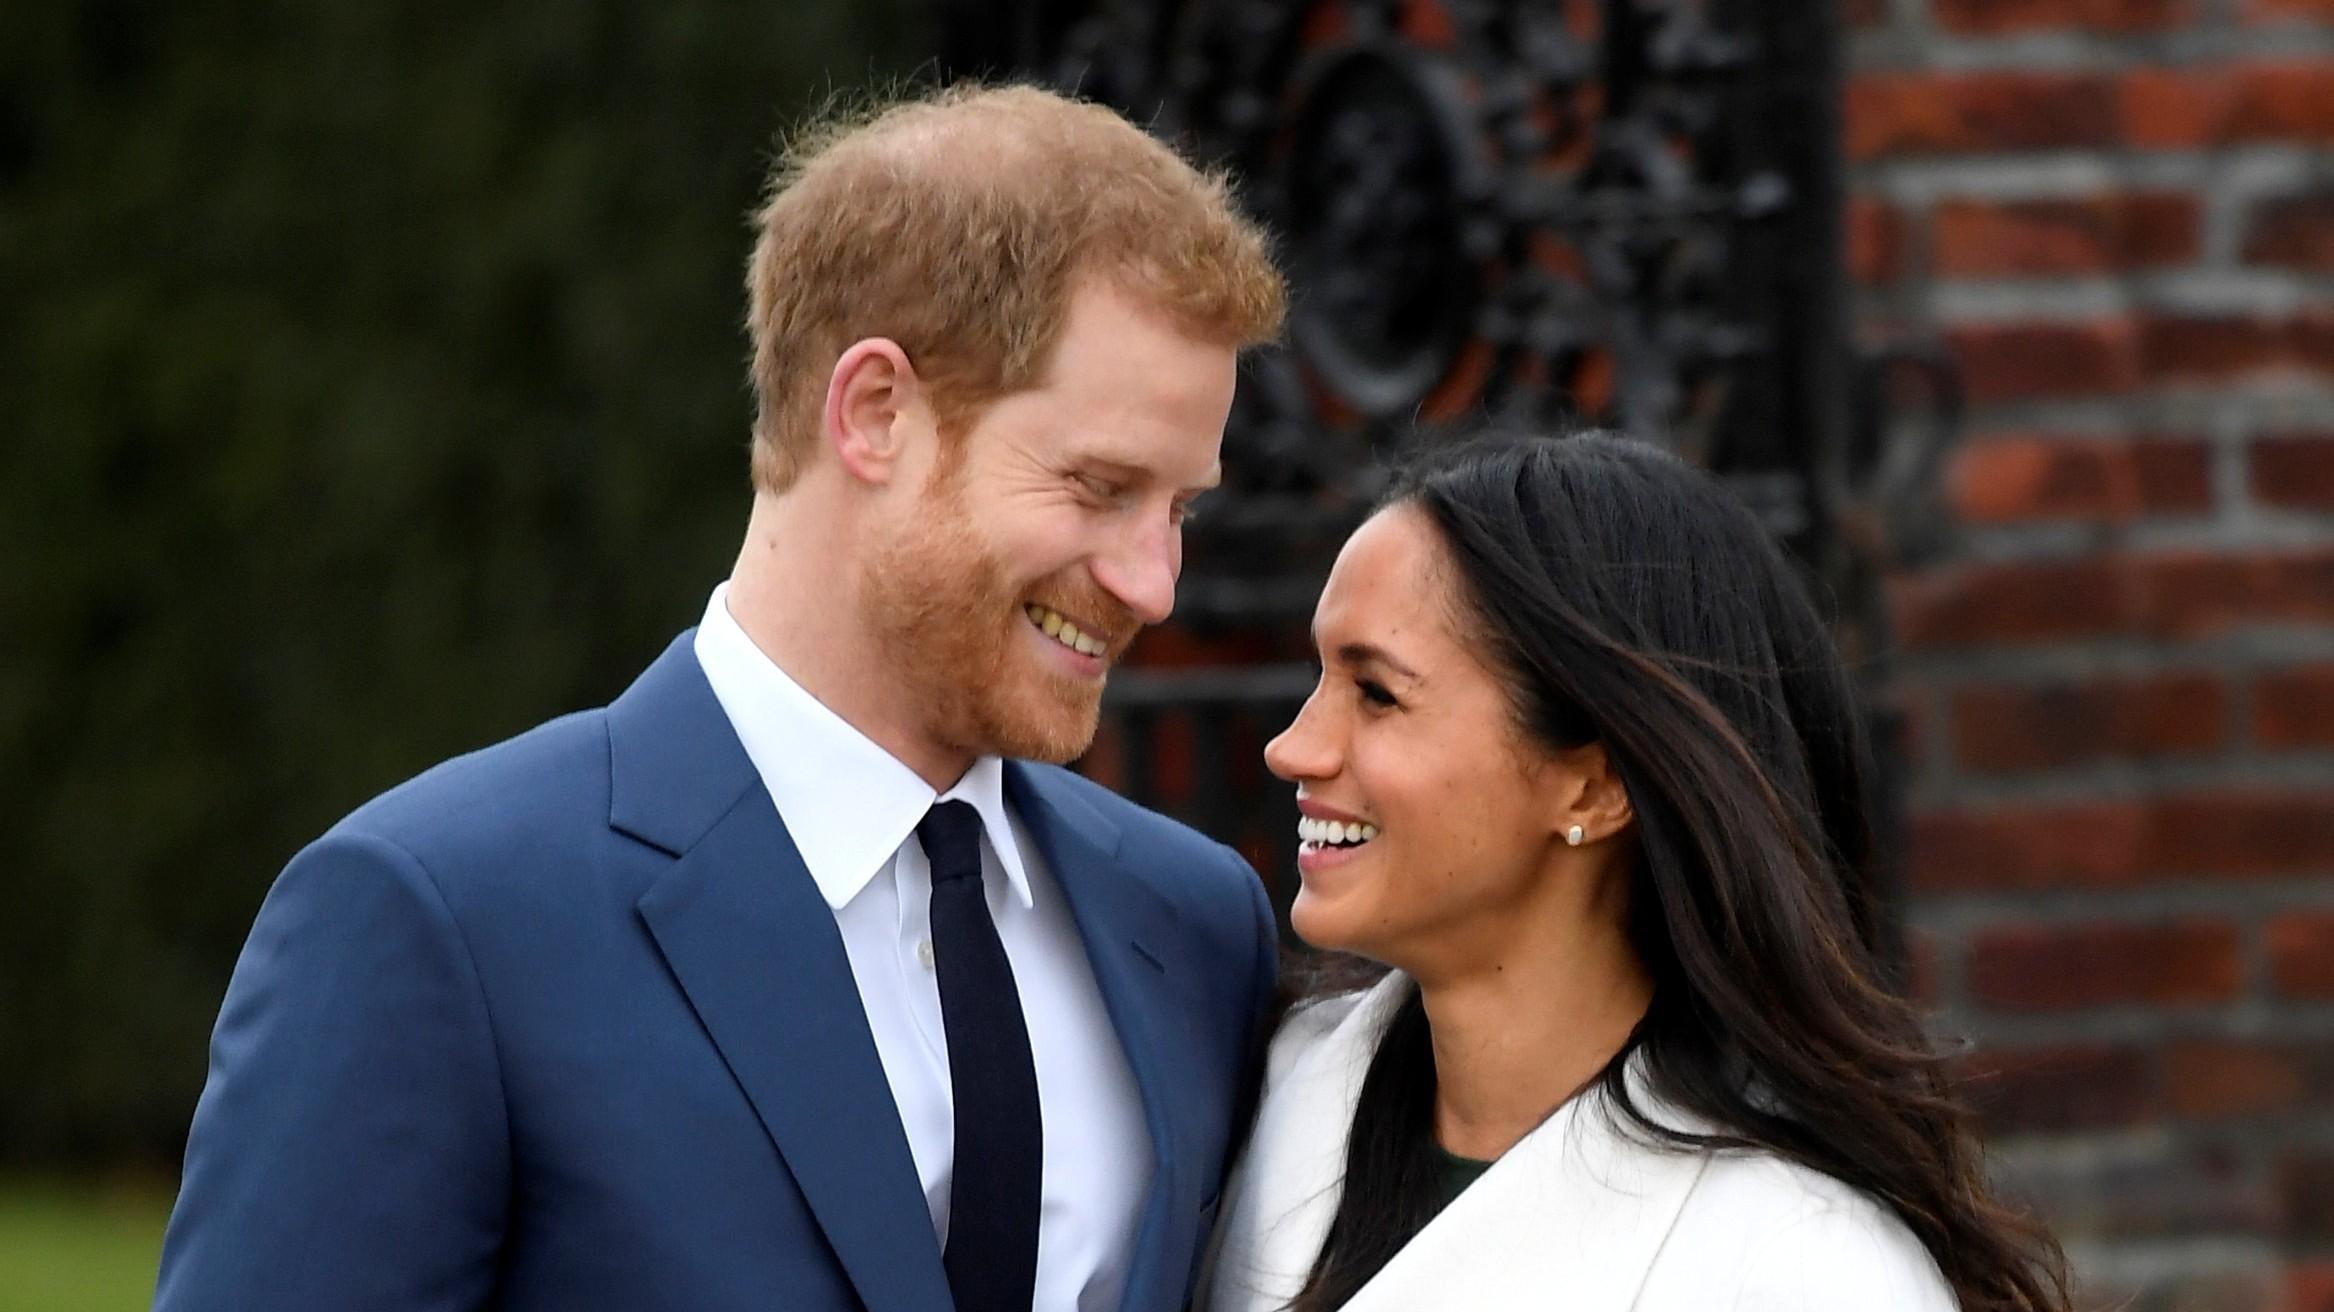 """Regno Unito, il principe Harry sposerà Meghan Markle. """"Commenti sulla razza deprimenti"""""""